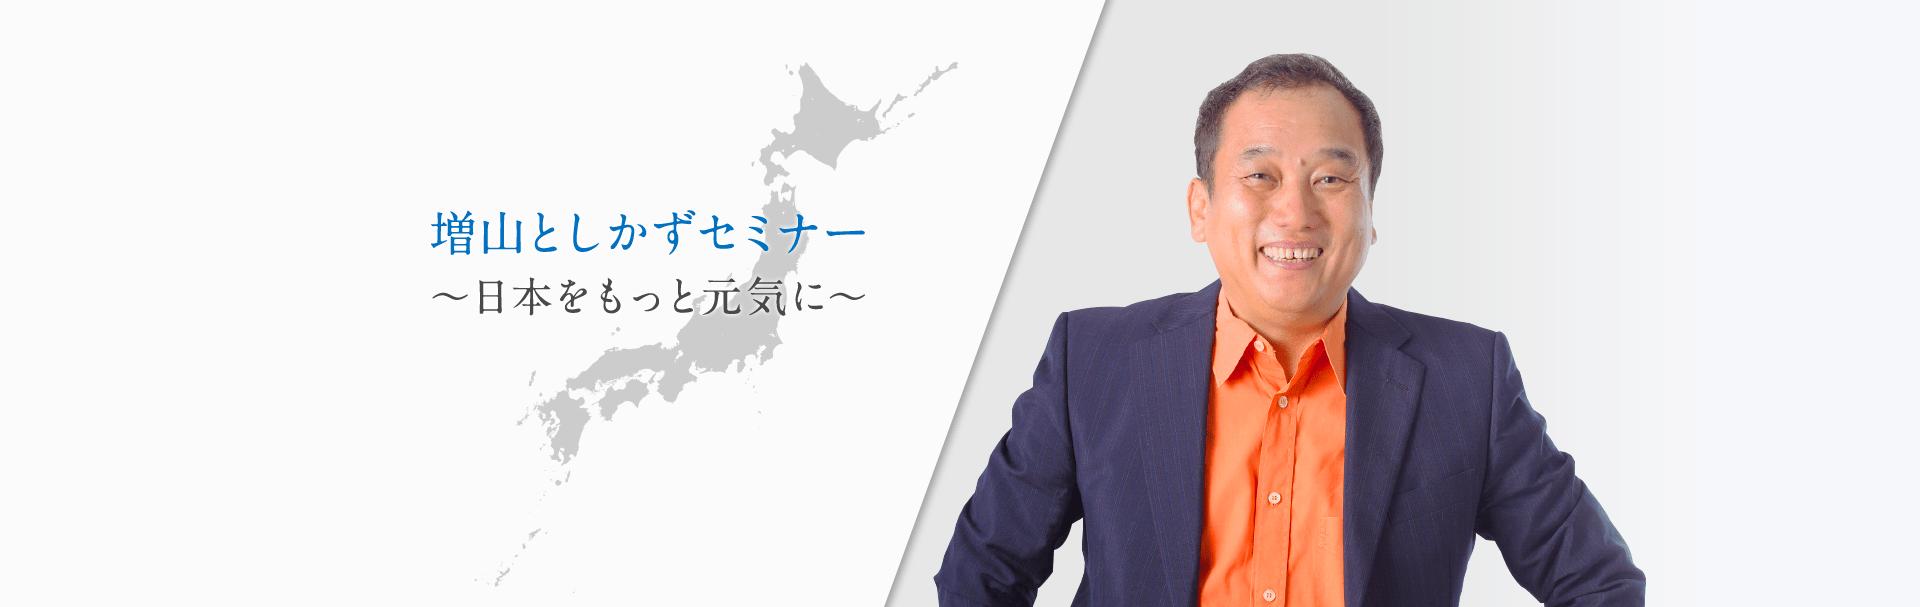 北海道をもっと元気に! 増山経済塾 グローバルな視点で経済を提唱する政策・再生エネルギーコンサルタントとともに ~北の国から新たな提案!~